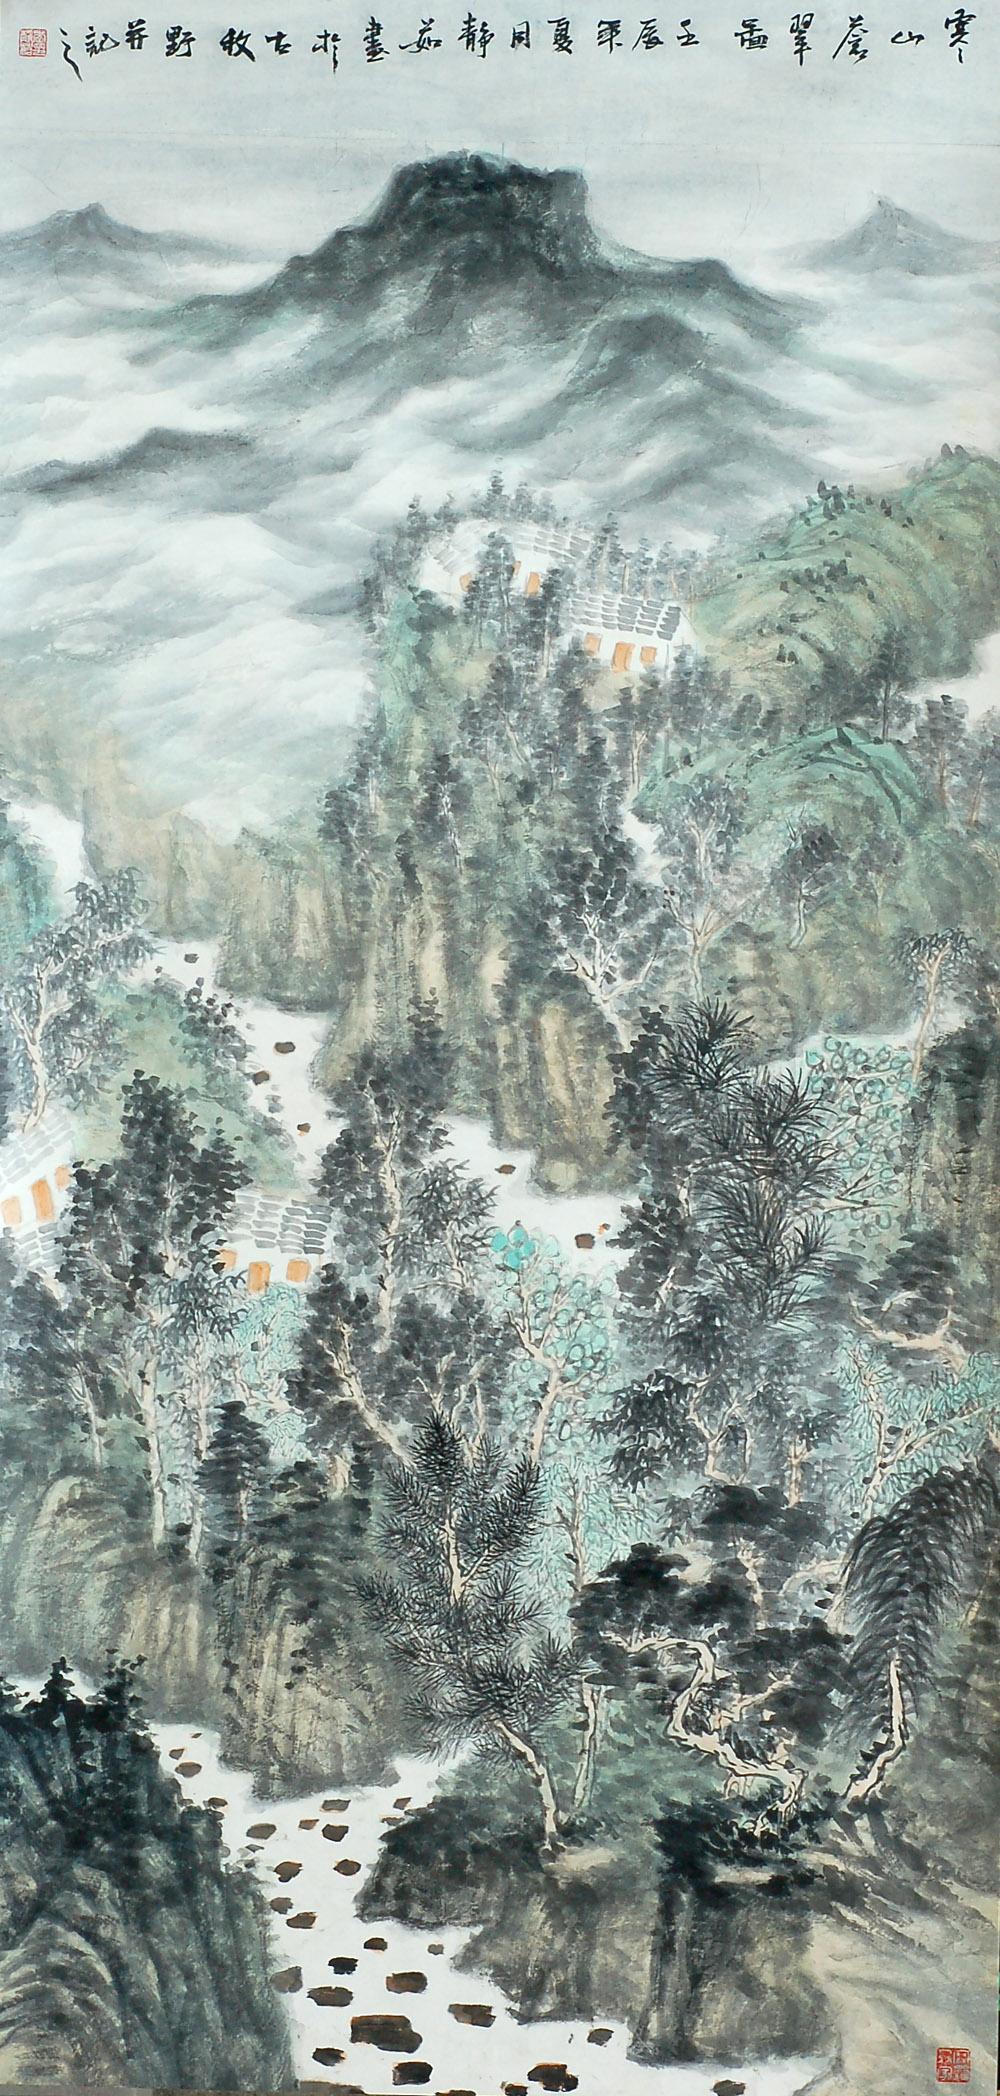 寒山苍翠图